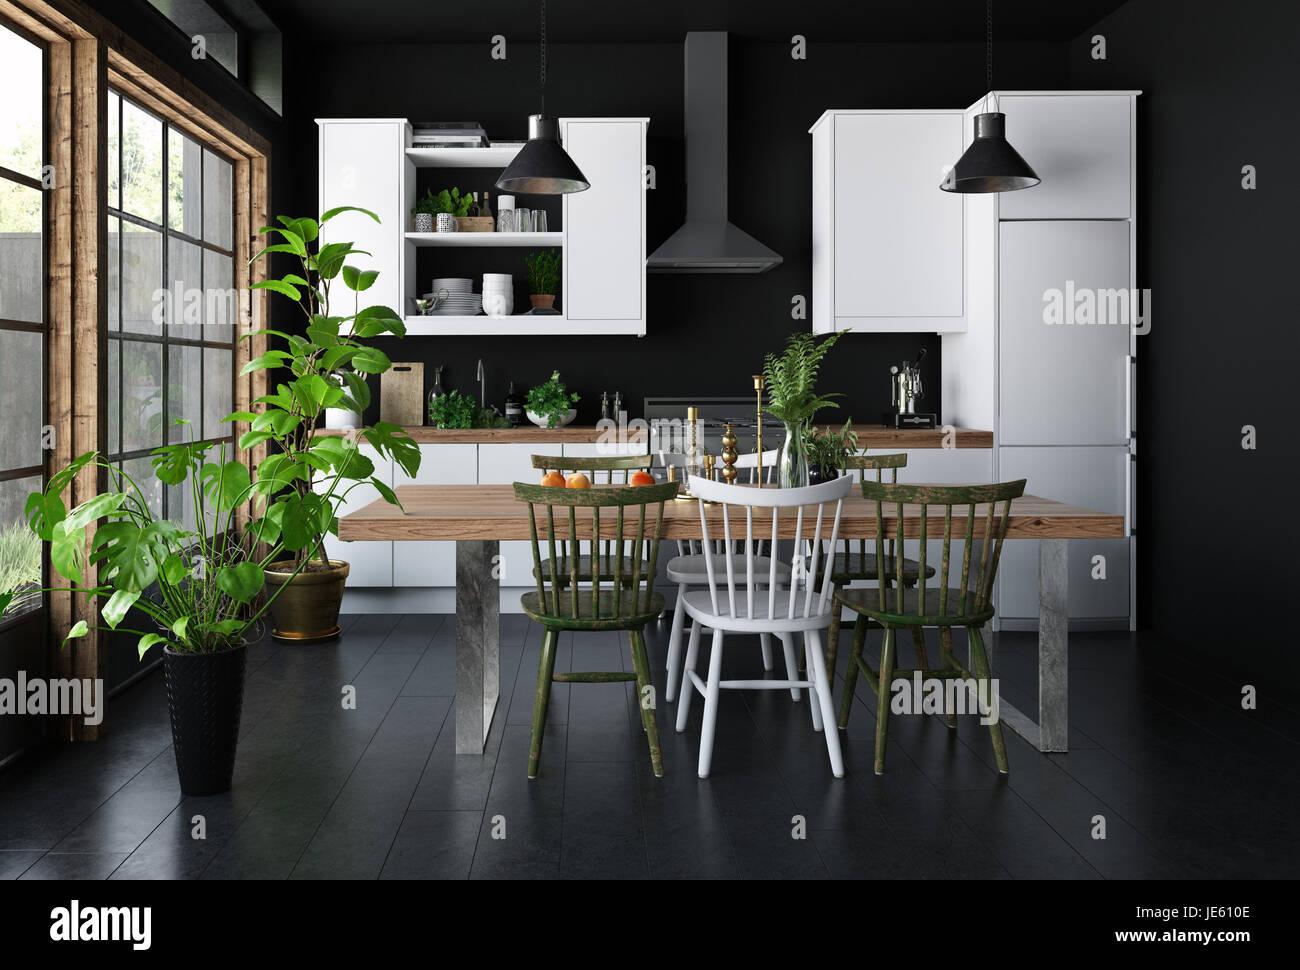 Spaziosa cucina interno scuro concetto con tavolo da for Pavimento in legno interno